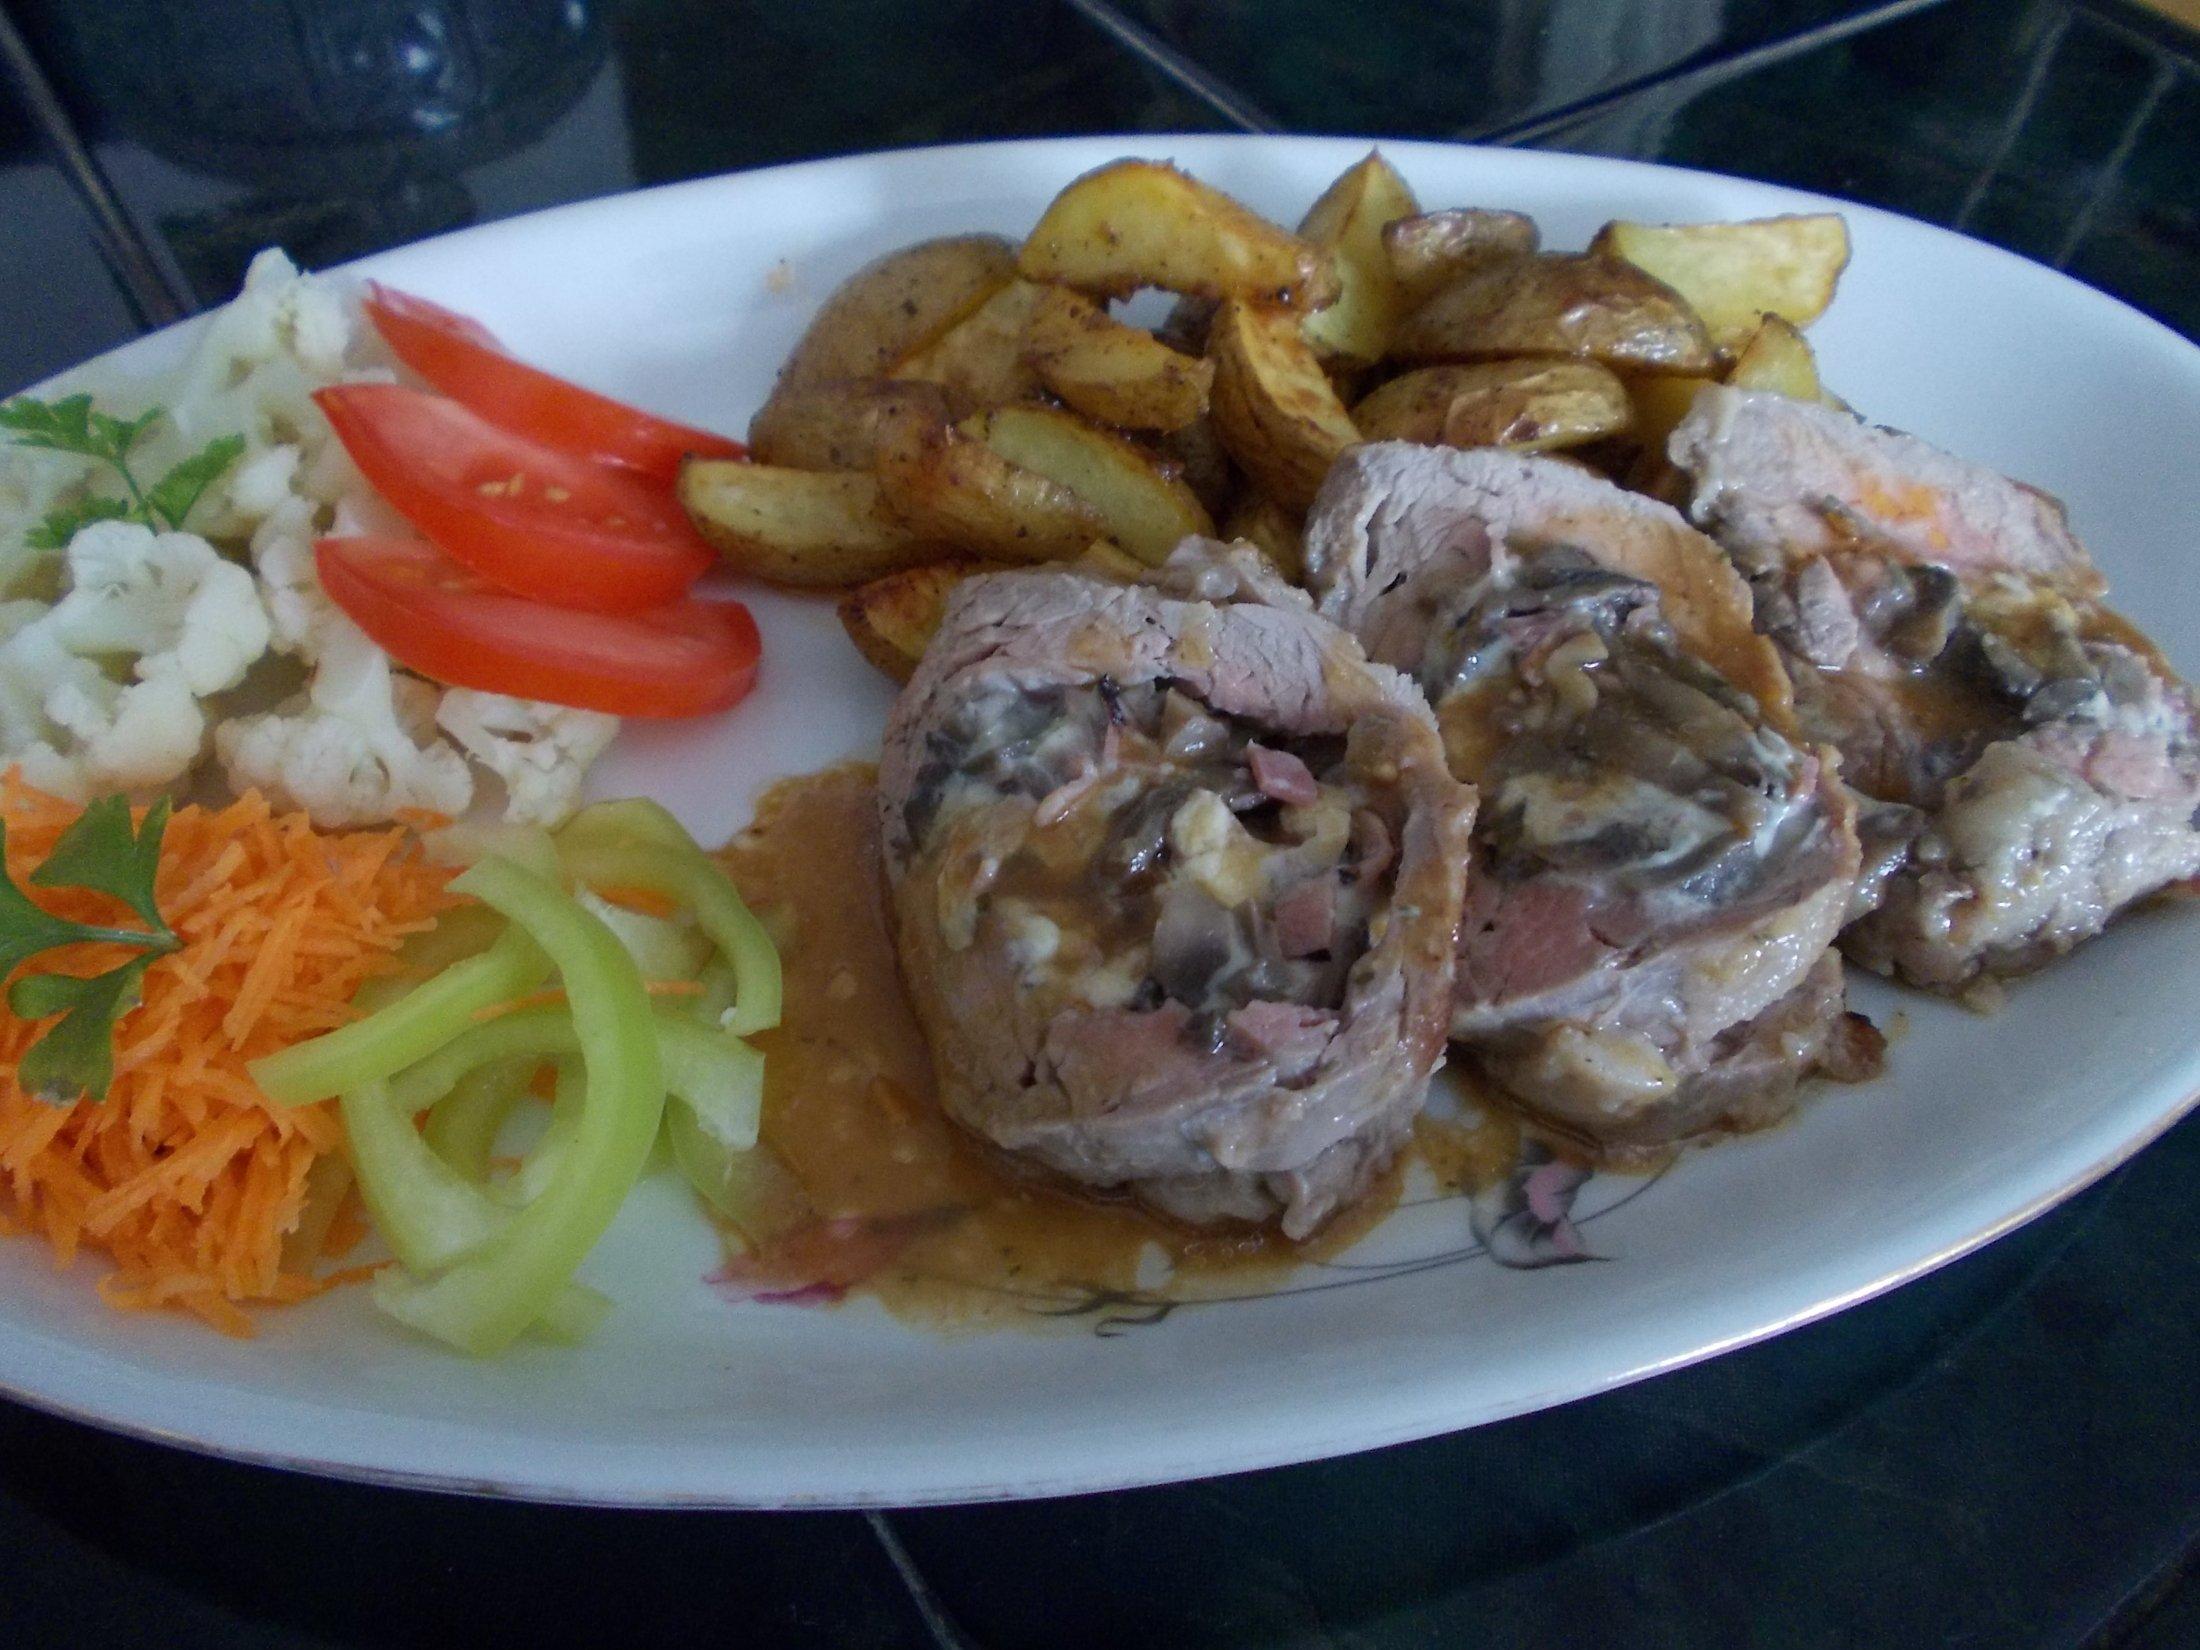 Recept Plněná vepřová panenka s opečenými brambory - Plněná vepřová panenka,grilované brambory